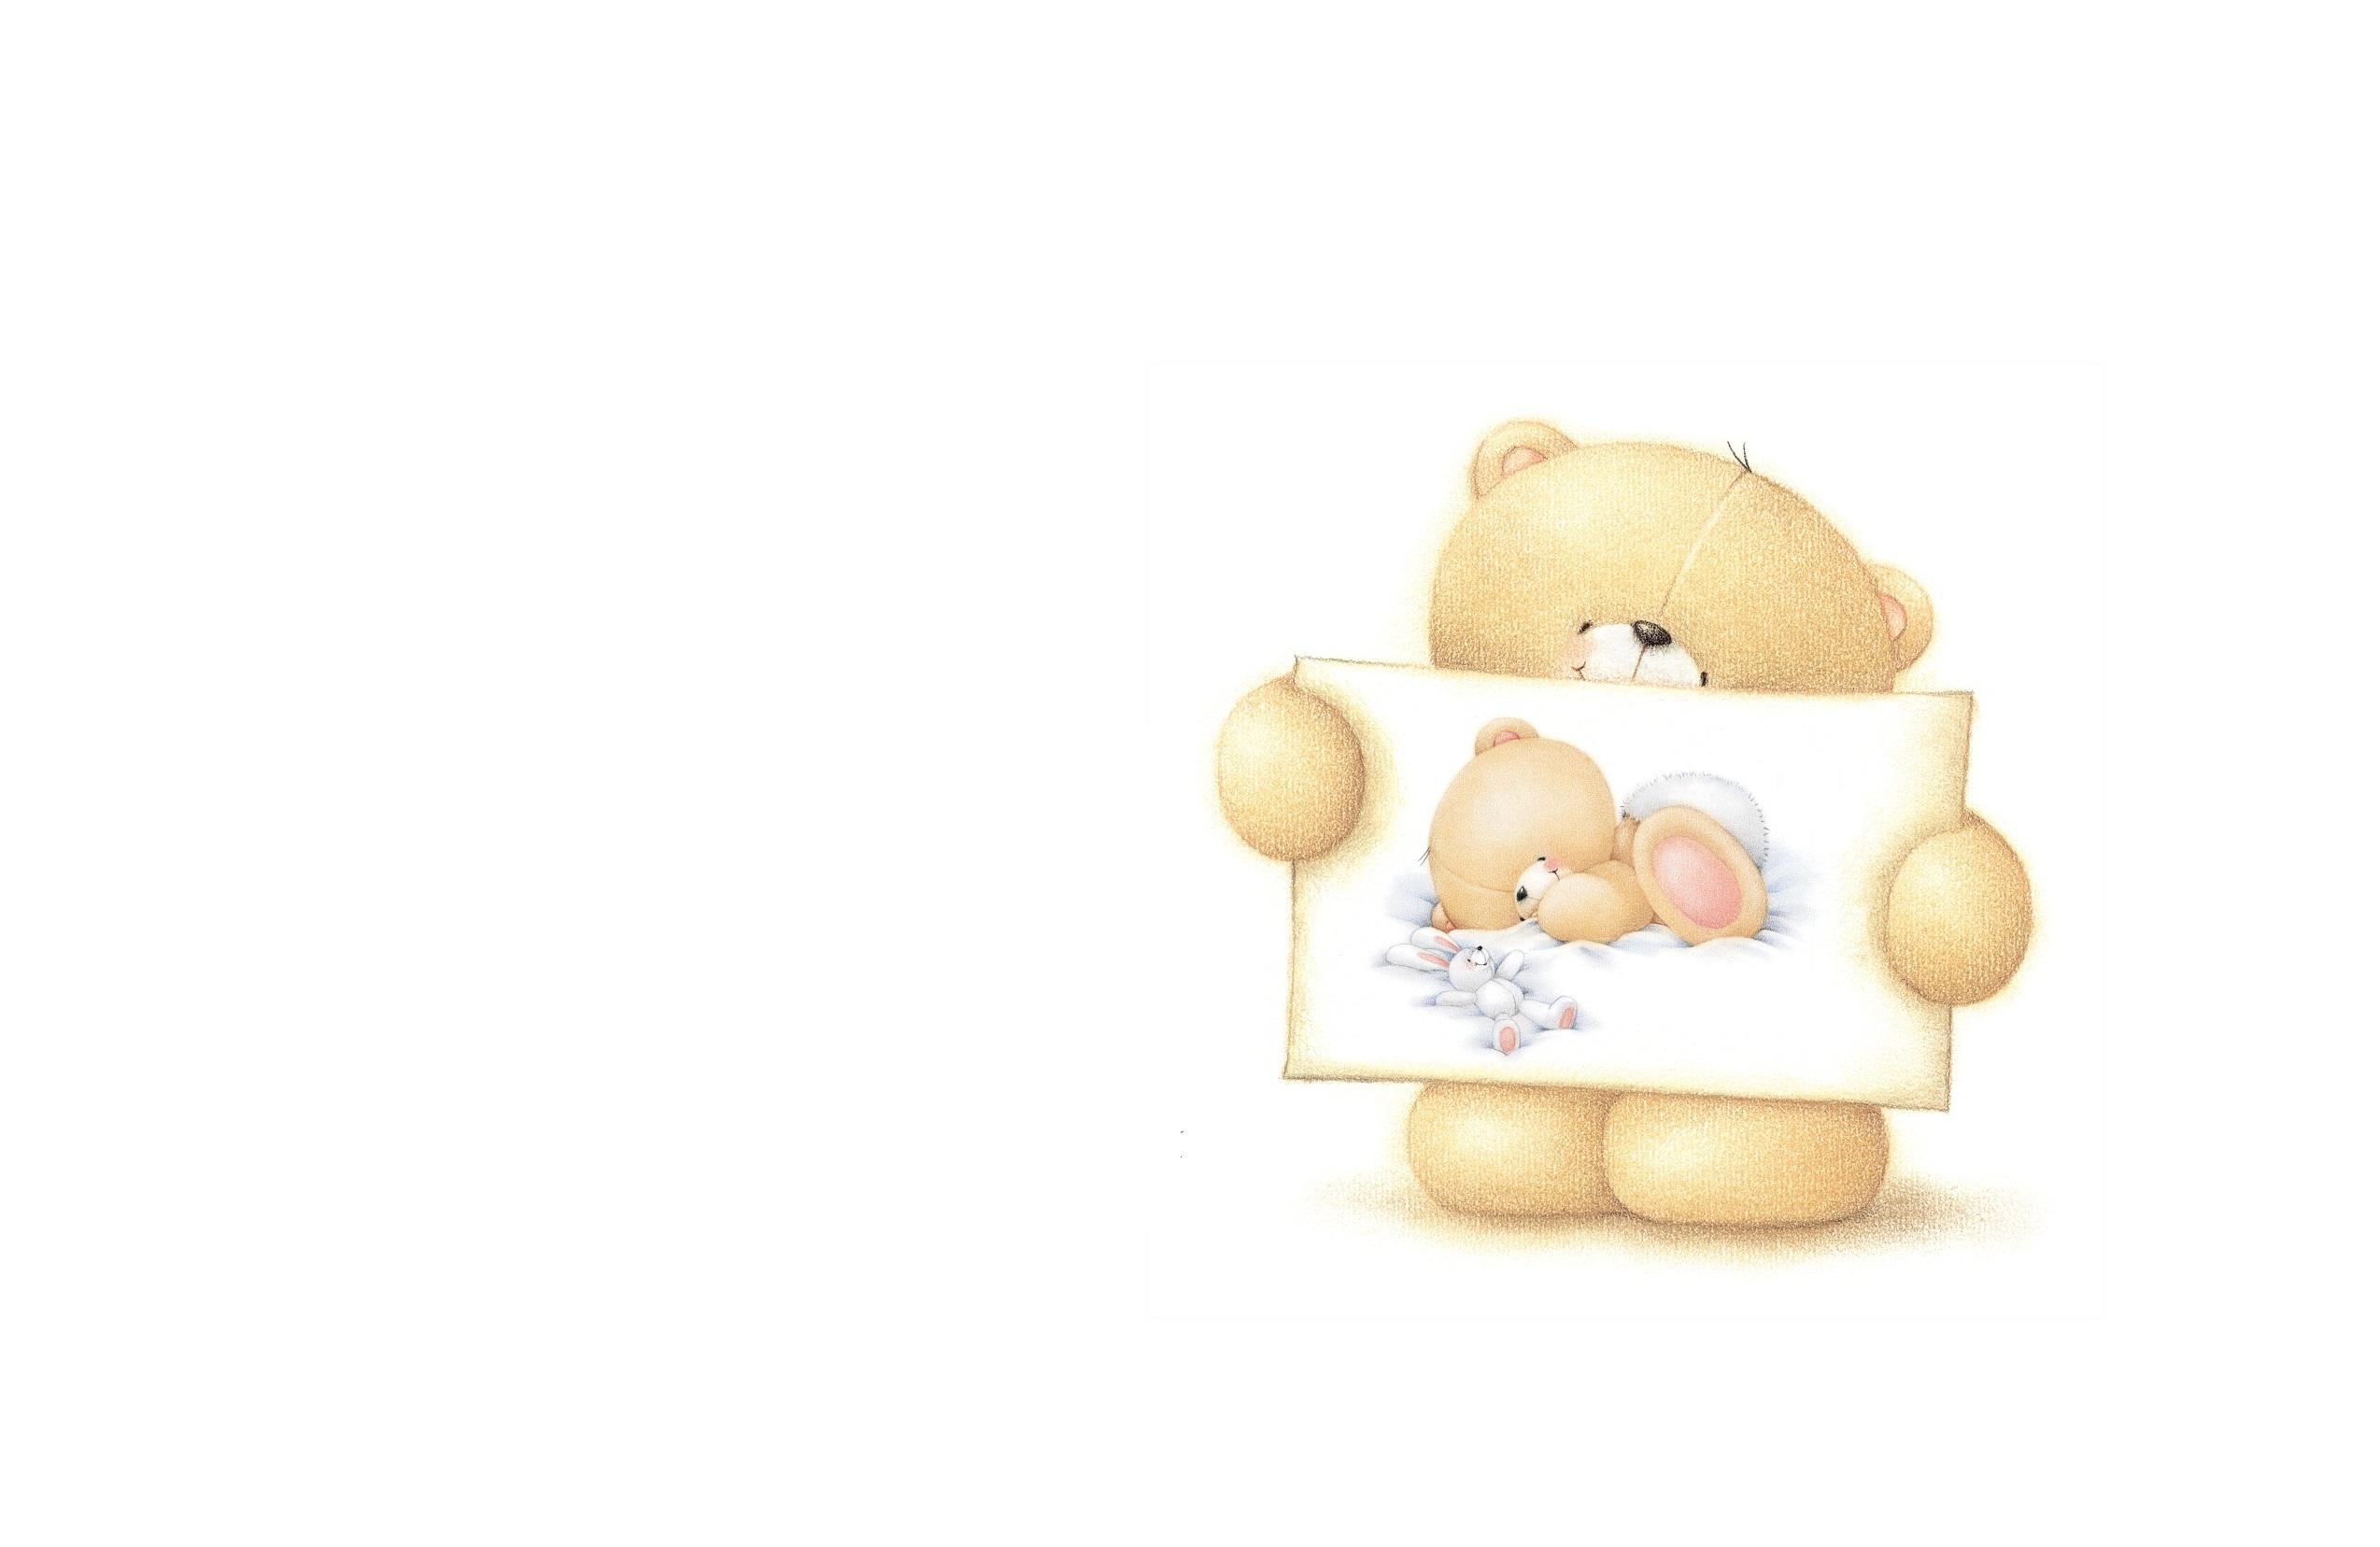 Доброго утра медвежонок - Доброе утро - Анимационные блестящие картинки GIF 75